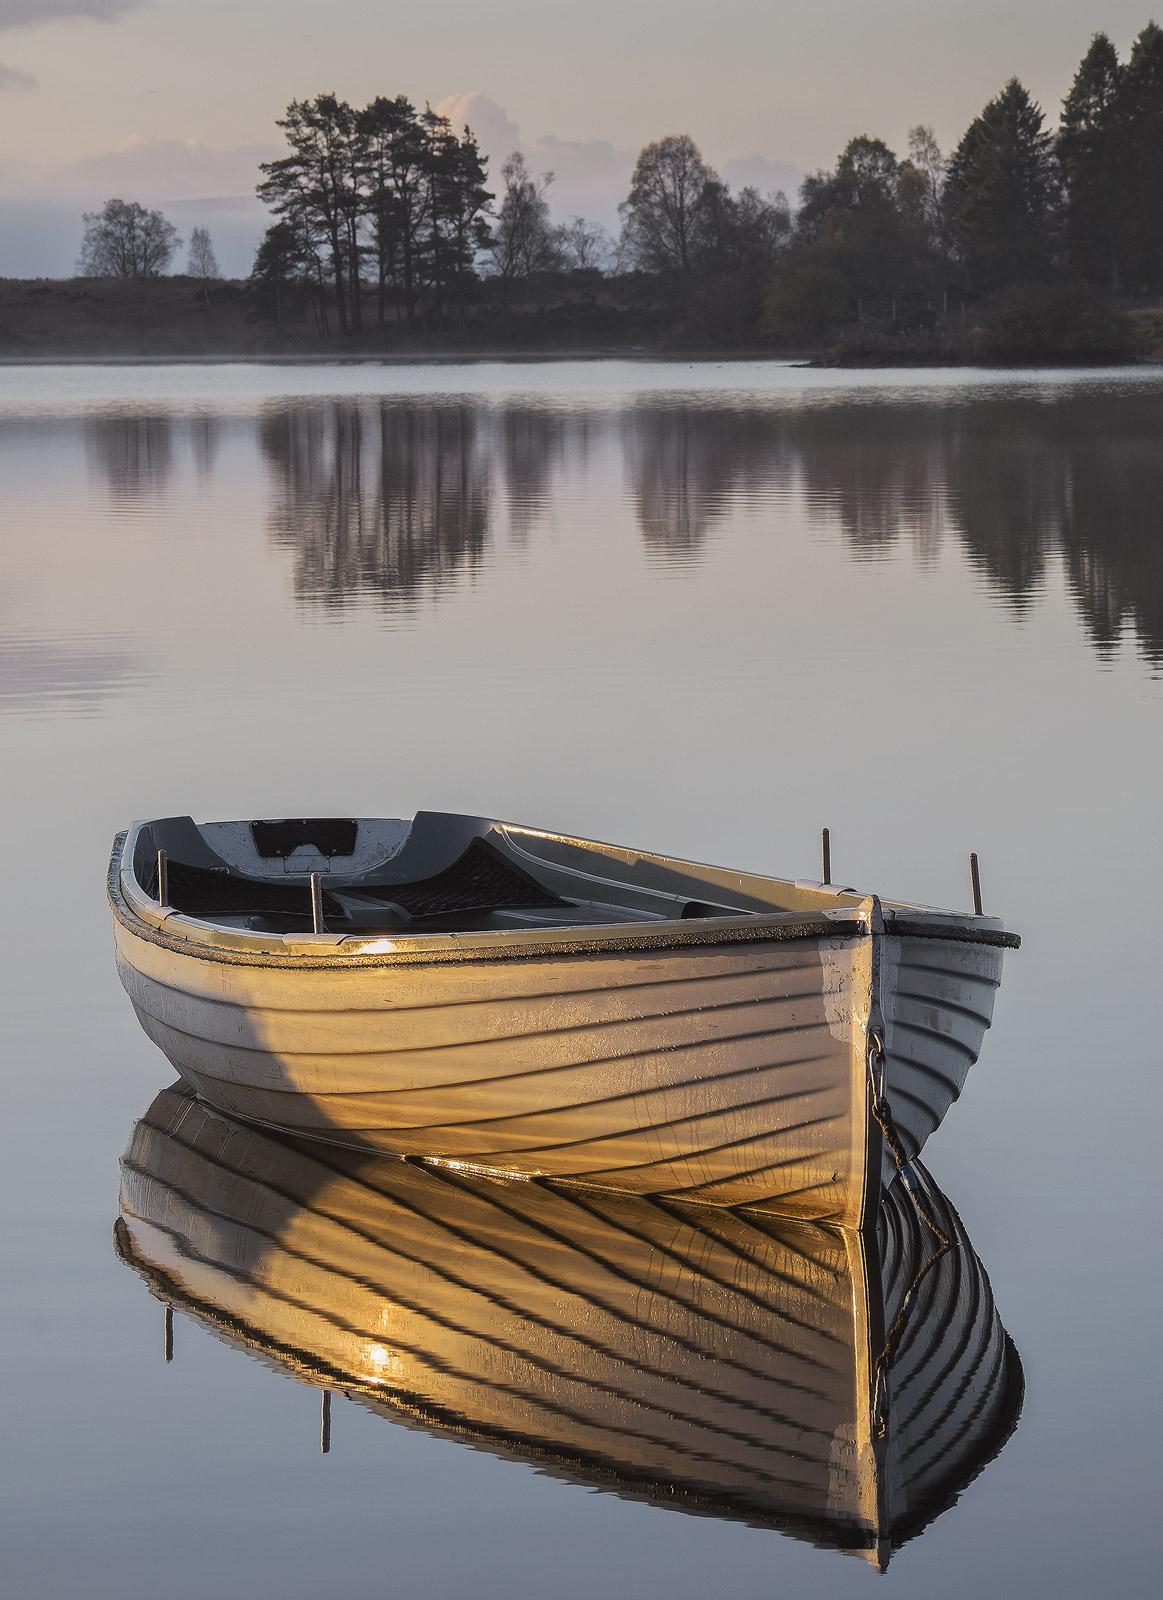 Gold Plated Rusky 1, Loch Rusky, Trossachs, Scotland, morning, sunshine, mist, golden, light, varnished, flank, burnishe, photo